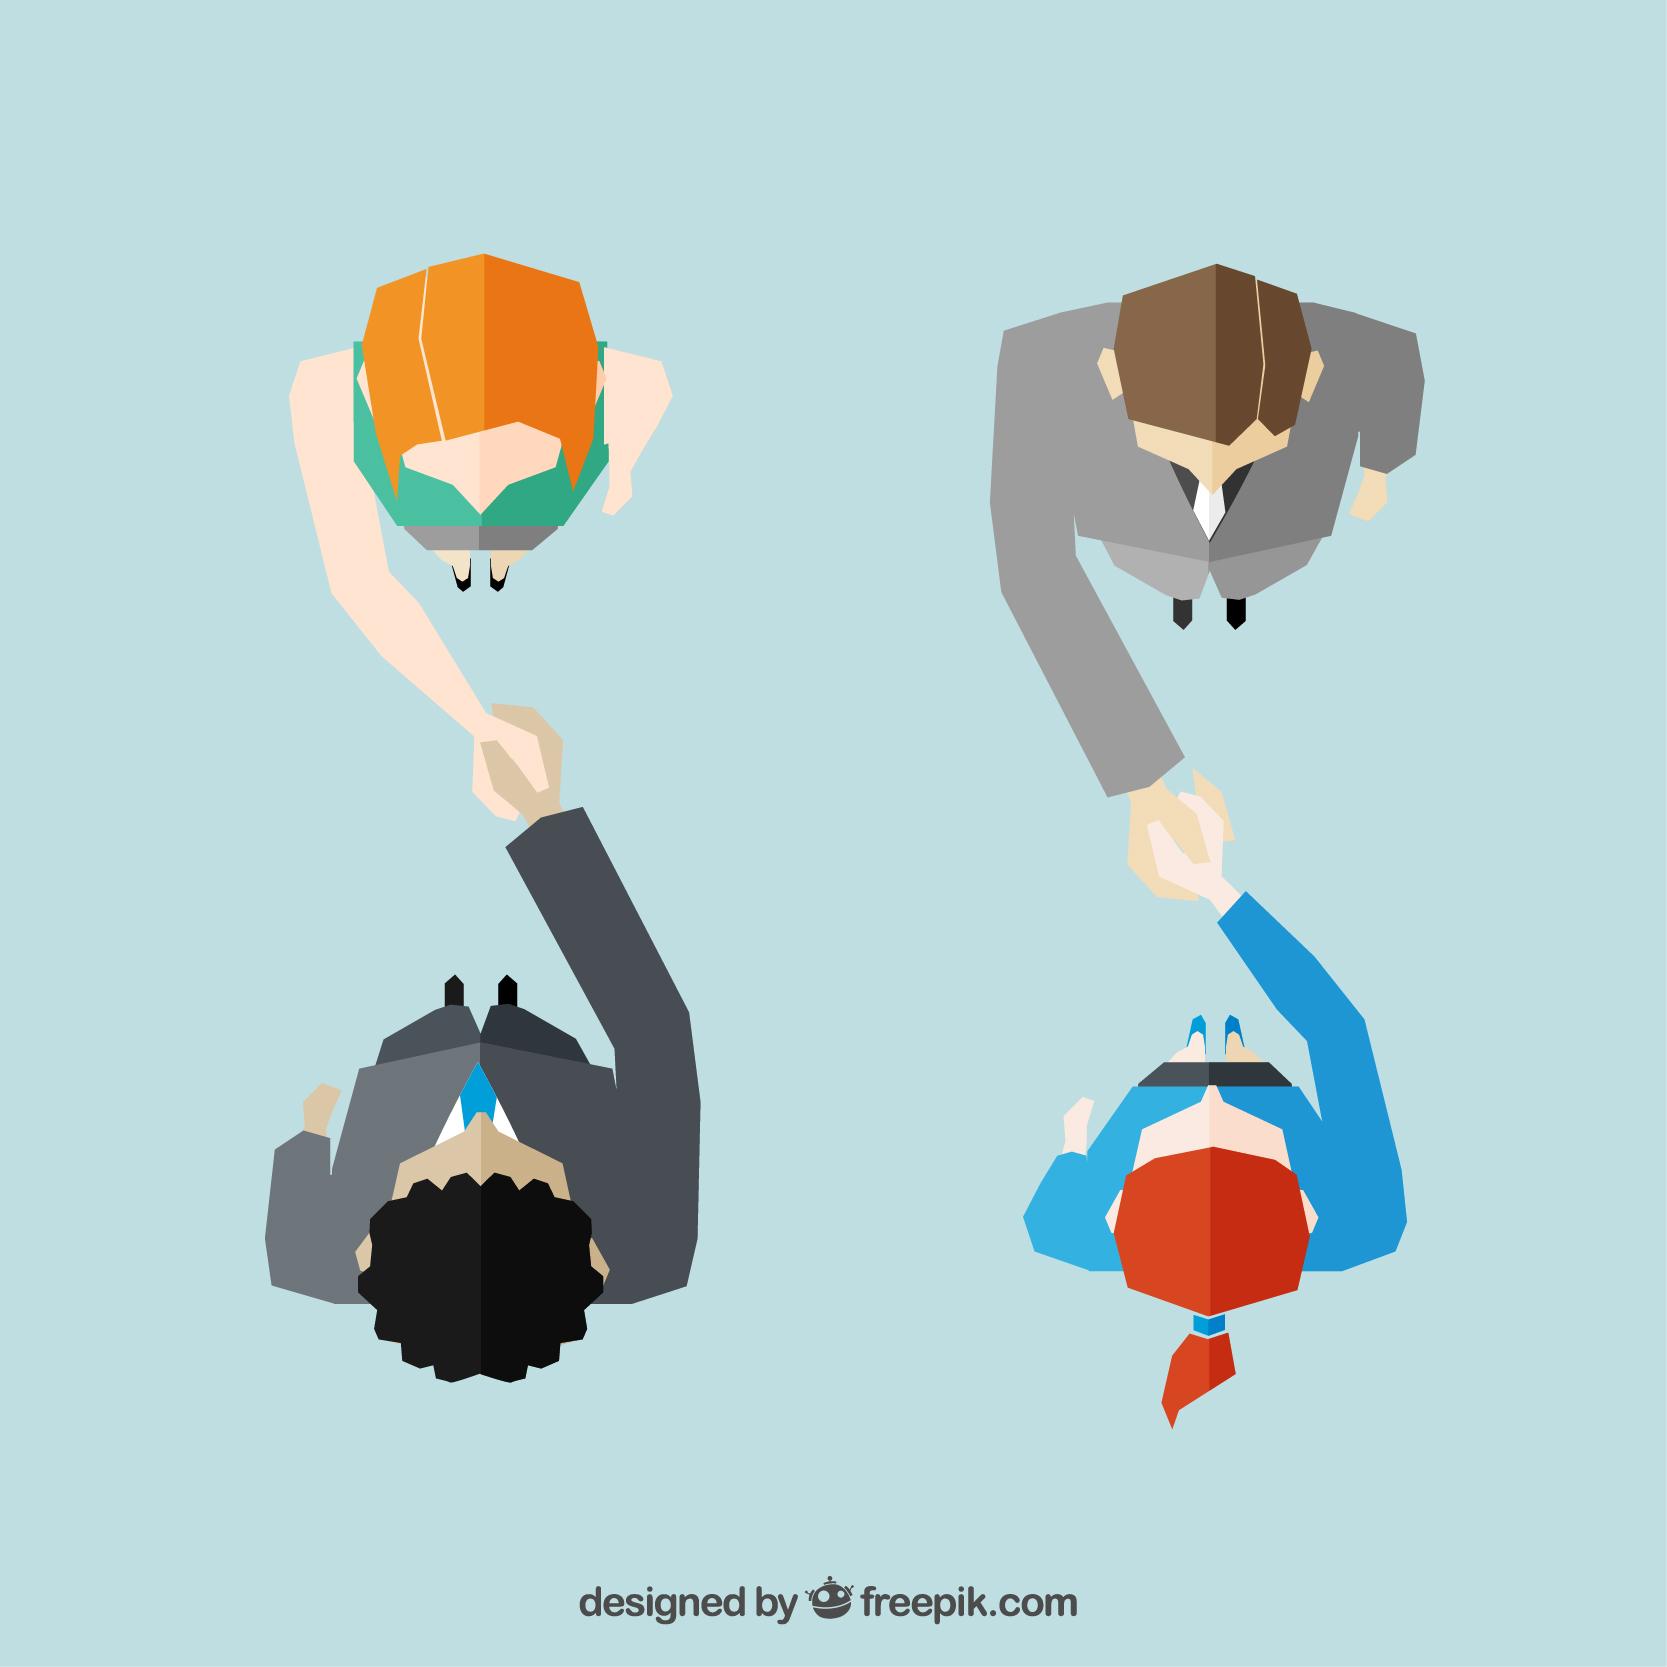 Negociação distributiva e negociação integrativa – o que são e como funcionam